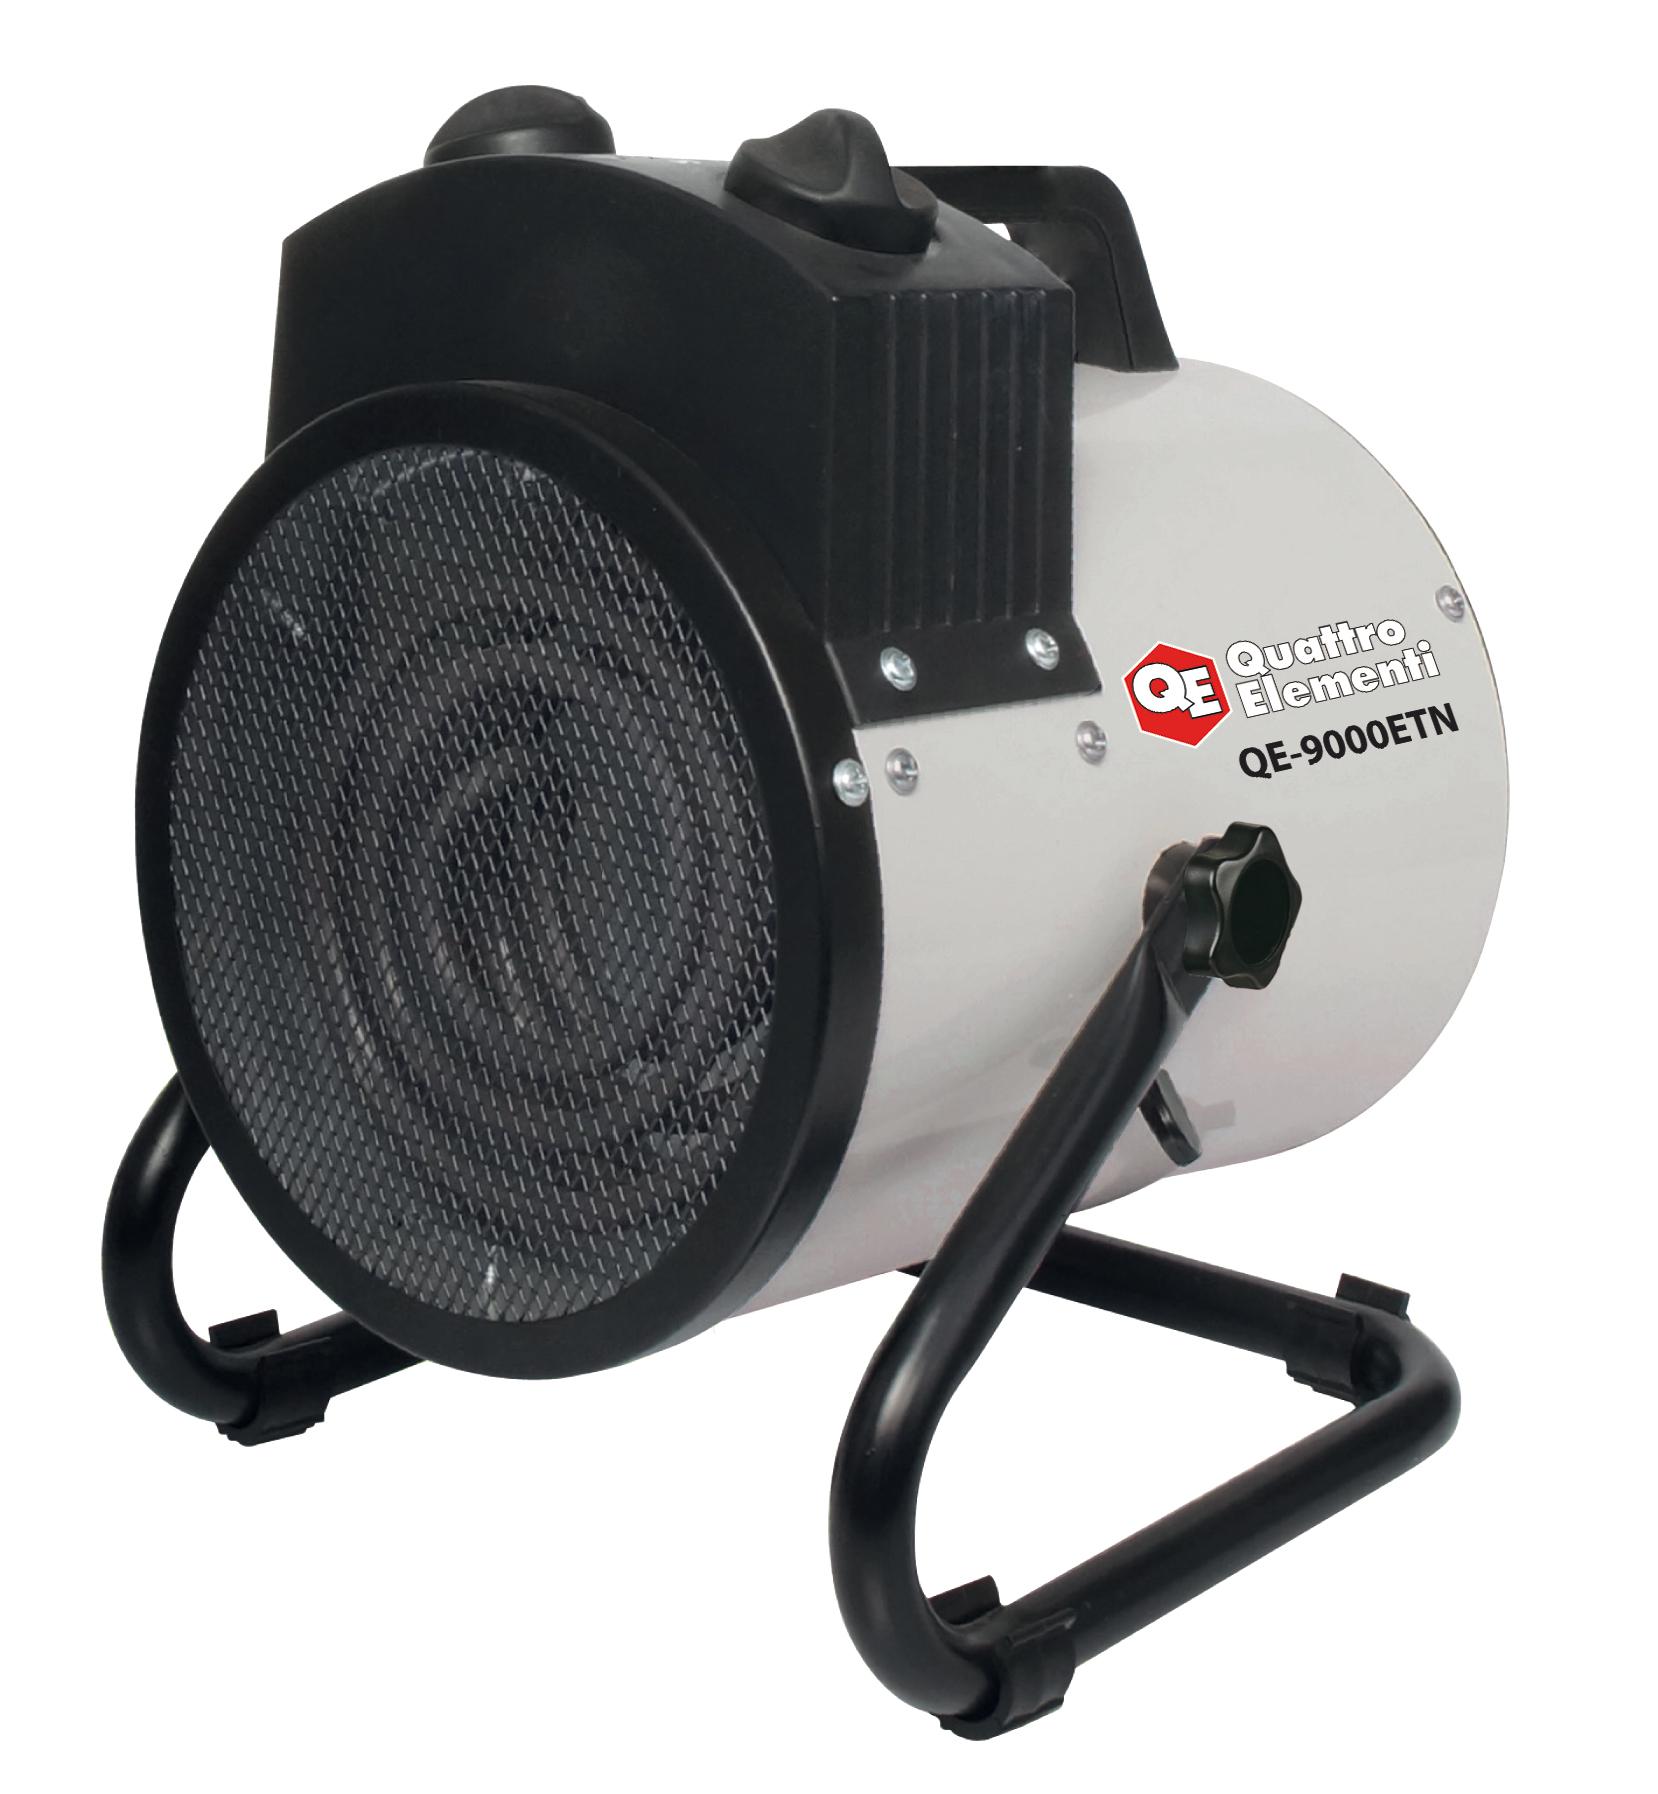 Тепловентилятор Quattro elementi Qe-9000 etn  цена и фото